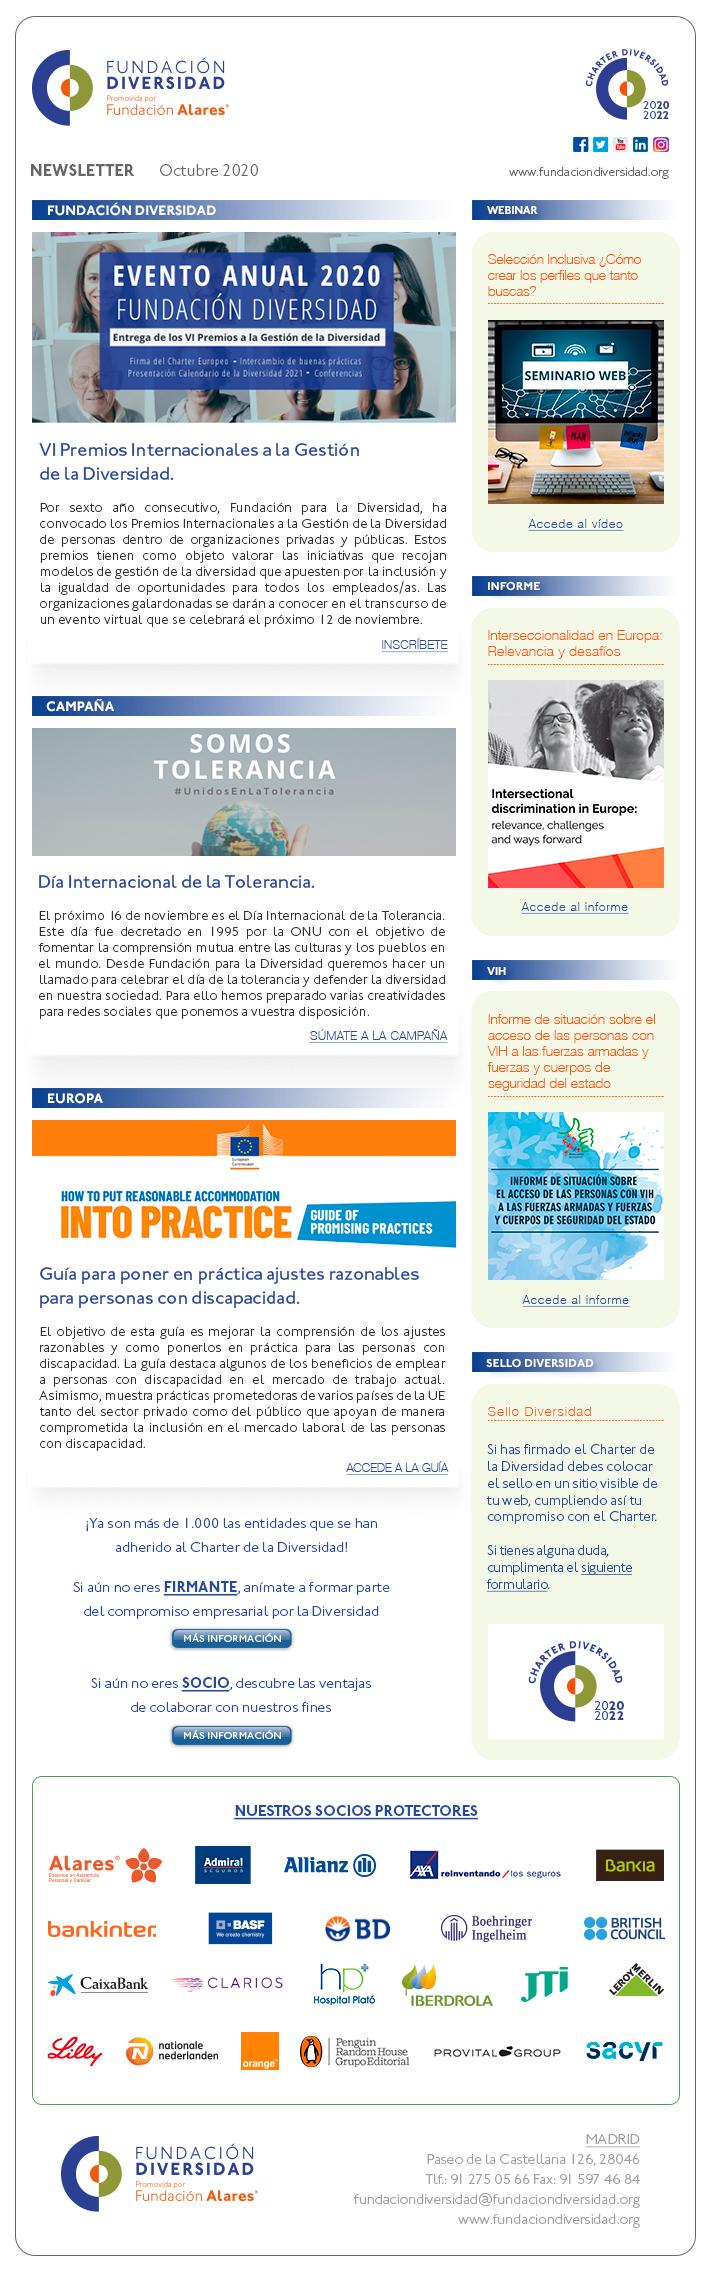 Newsletter Octubre 2020 | Fundación Diversidad